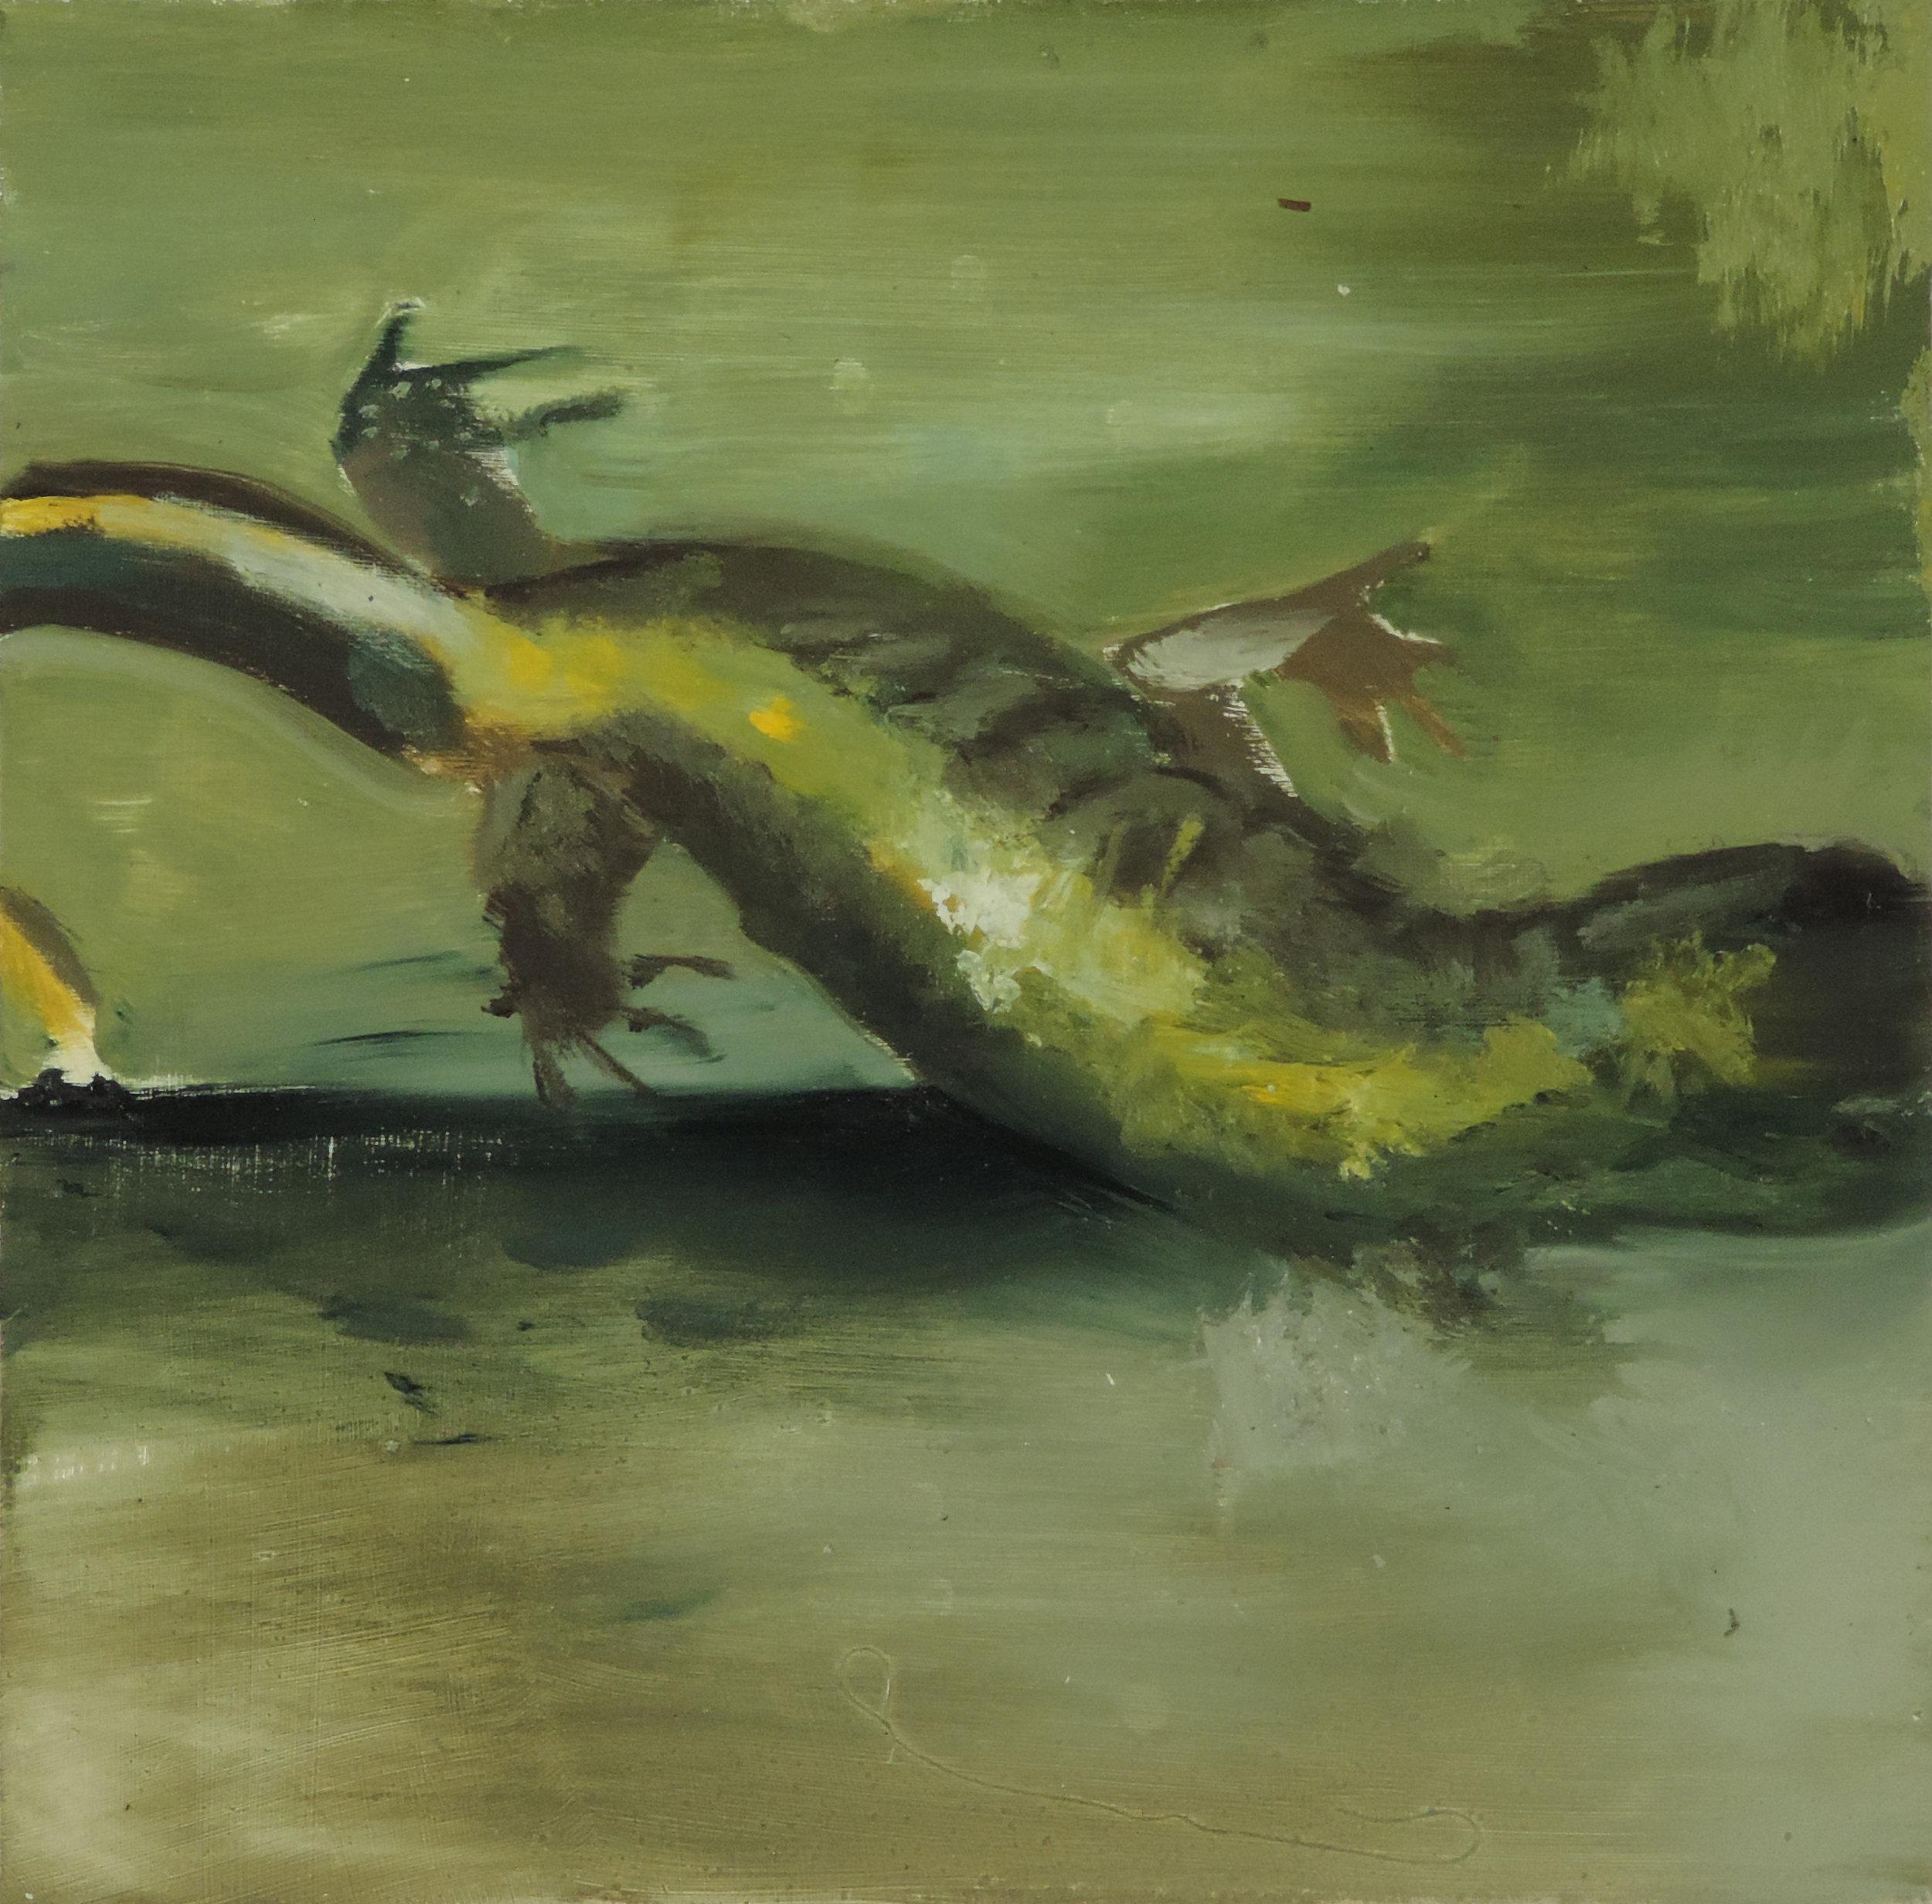 Sky Salamander